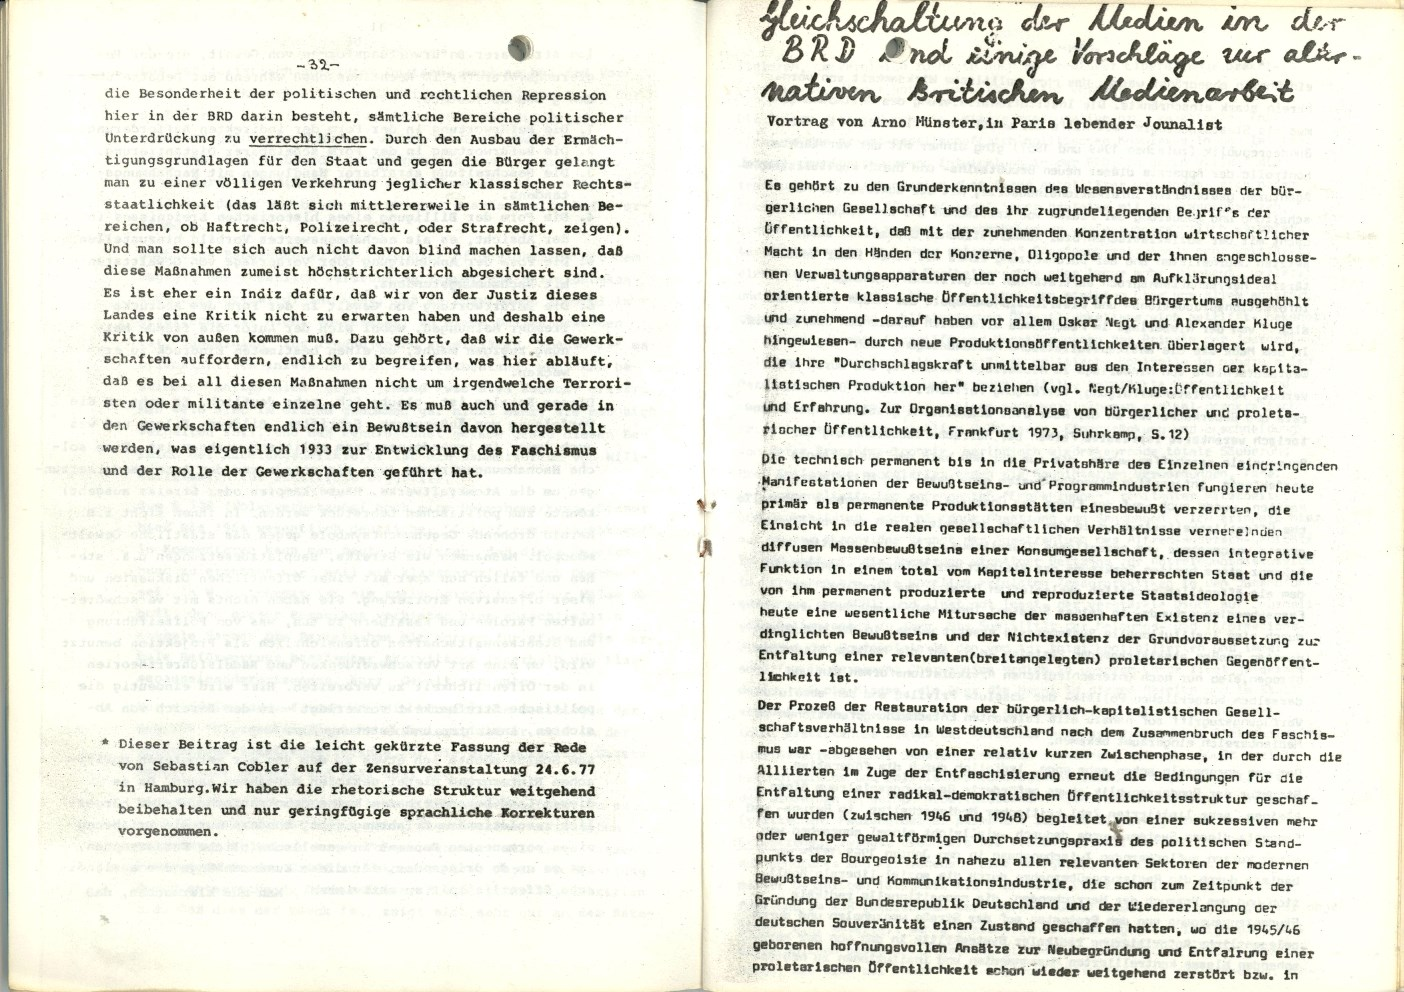 Hamburg_Vorbereitungsgruppe_Russell_Tribunal_Zensur_1978_17